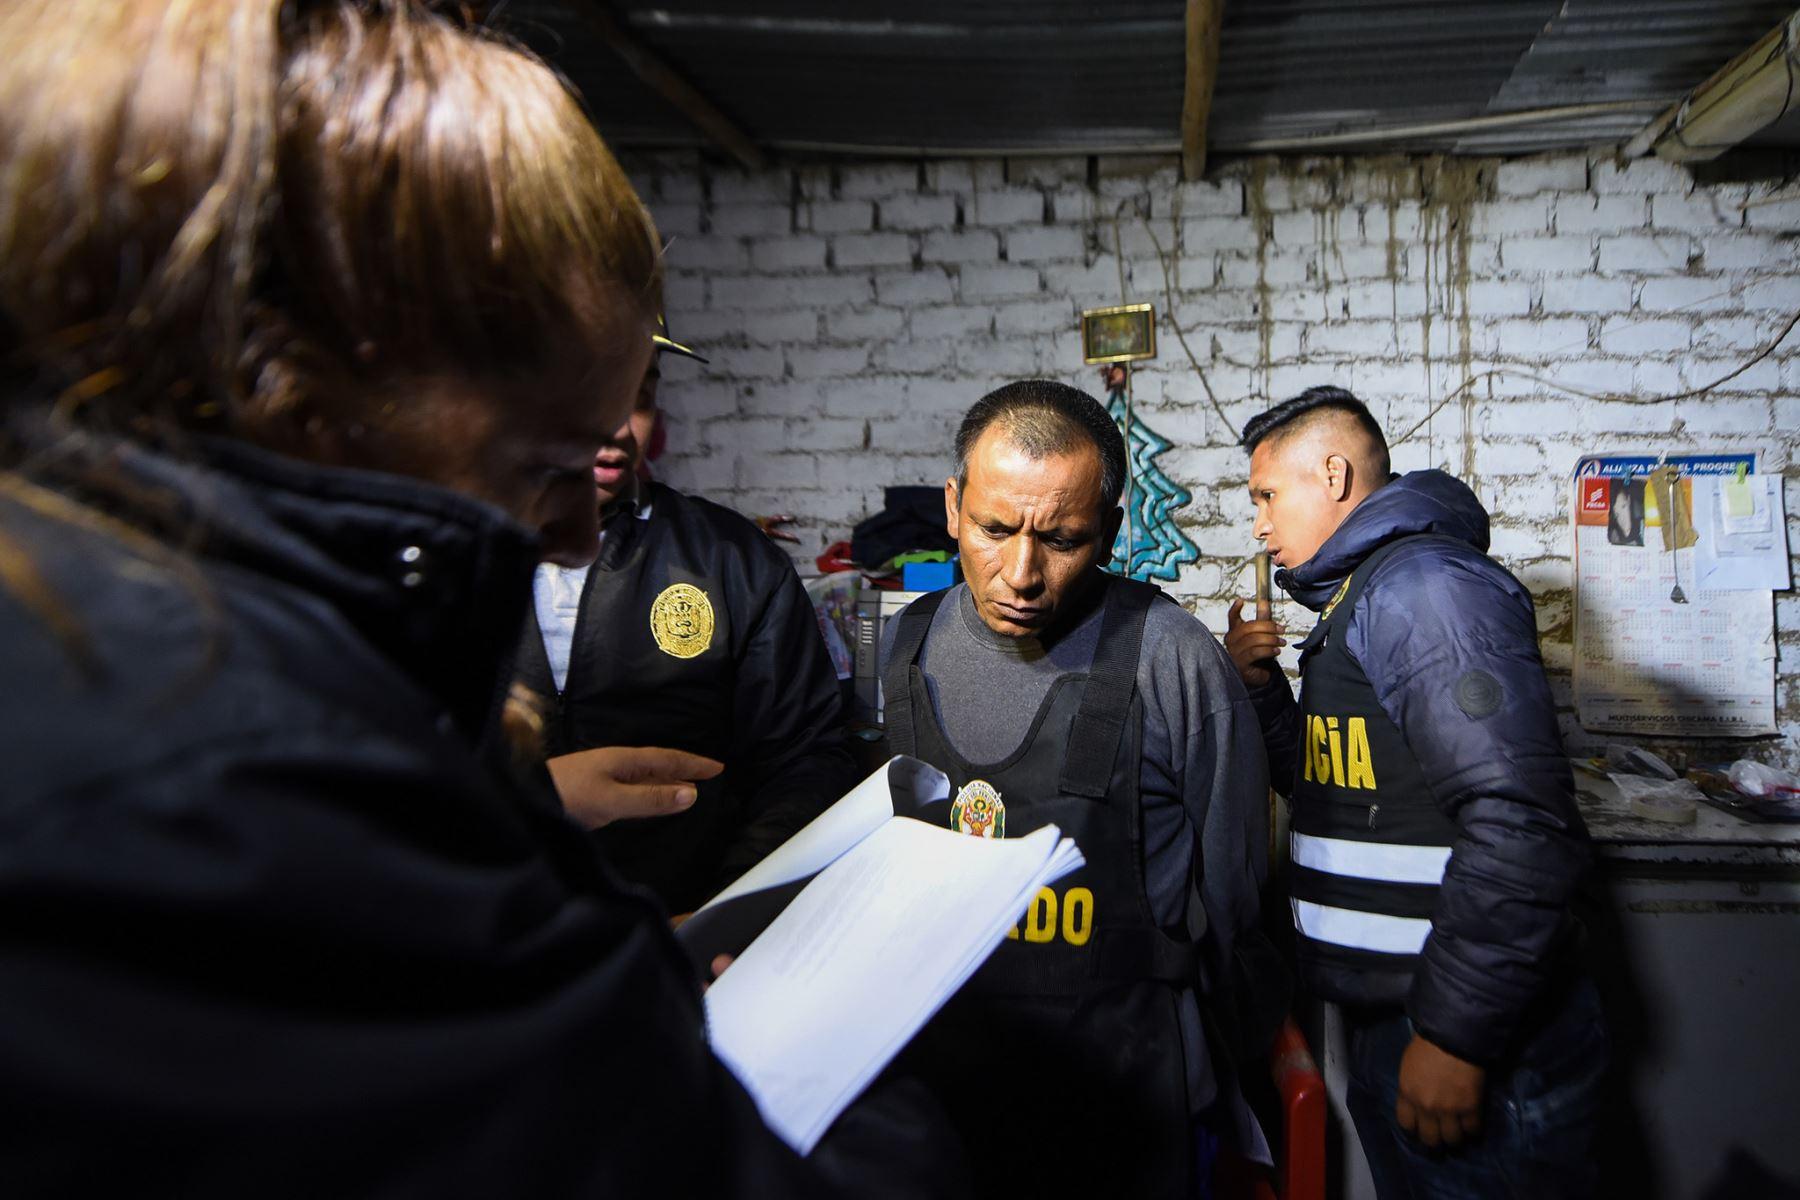 Em megaoperativo, desarticulan organización criminal Alianza del Valle dedicada a la extorsión en Trujillo.